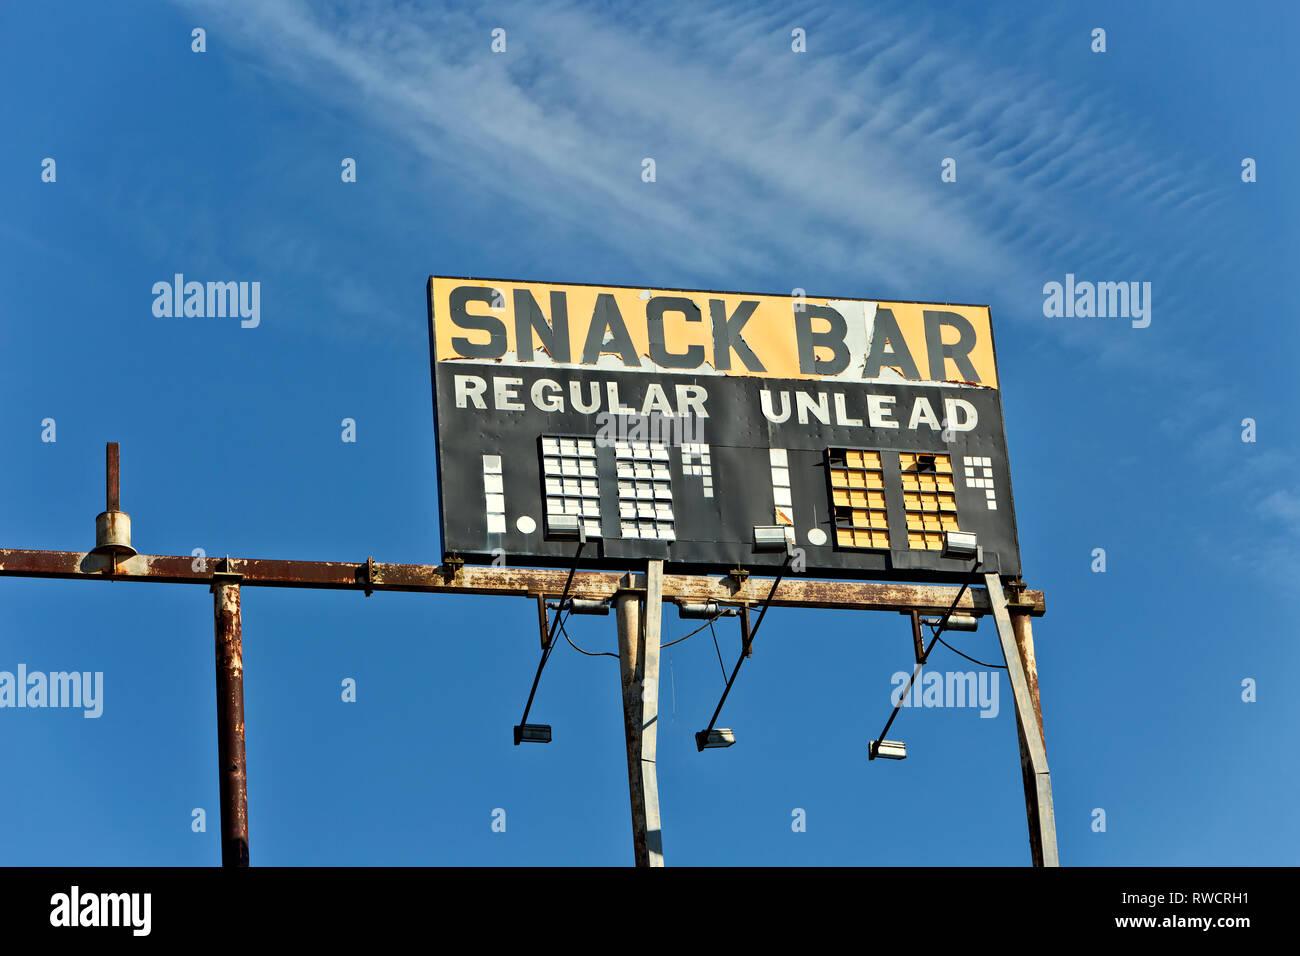 Elevated Vintage Gas Station 'Snack Bar - Regular - Unleaded' gasoline,  rusty metal frame, along highway. - Stock Image